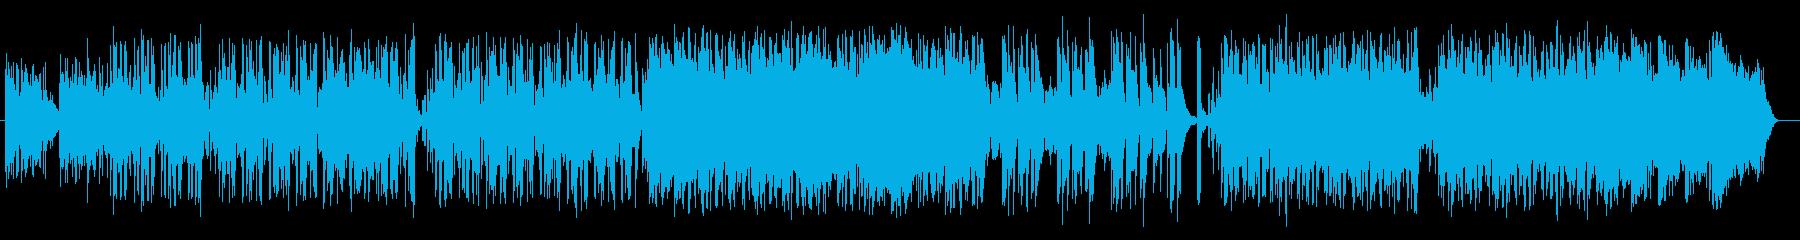 ゆったりと爽やかなシンセサイザーサウンドの再生済みの波形